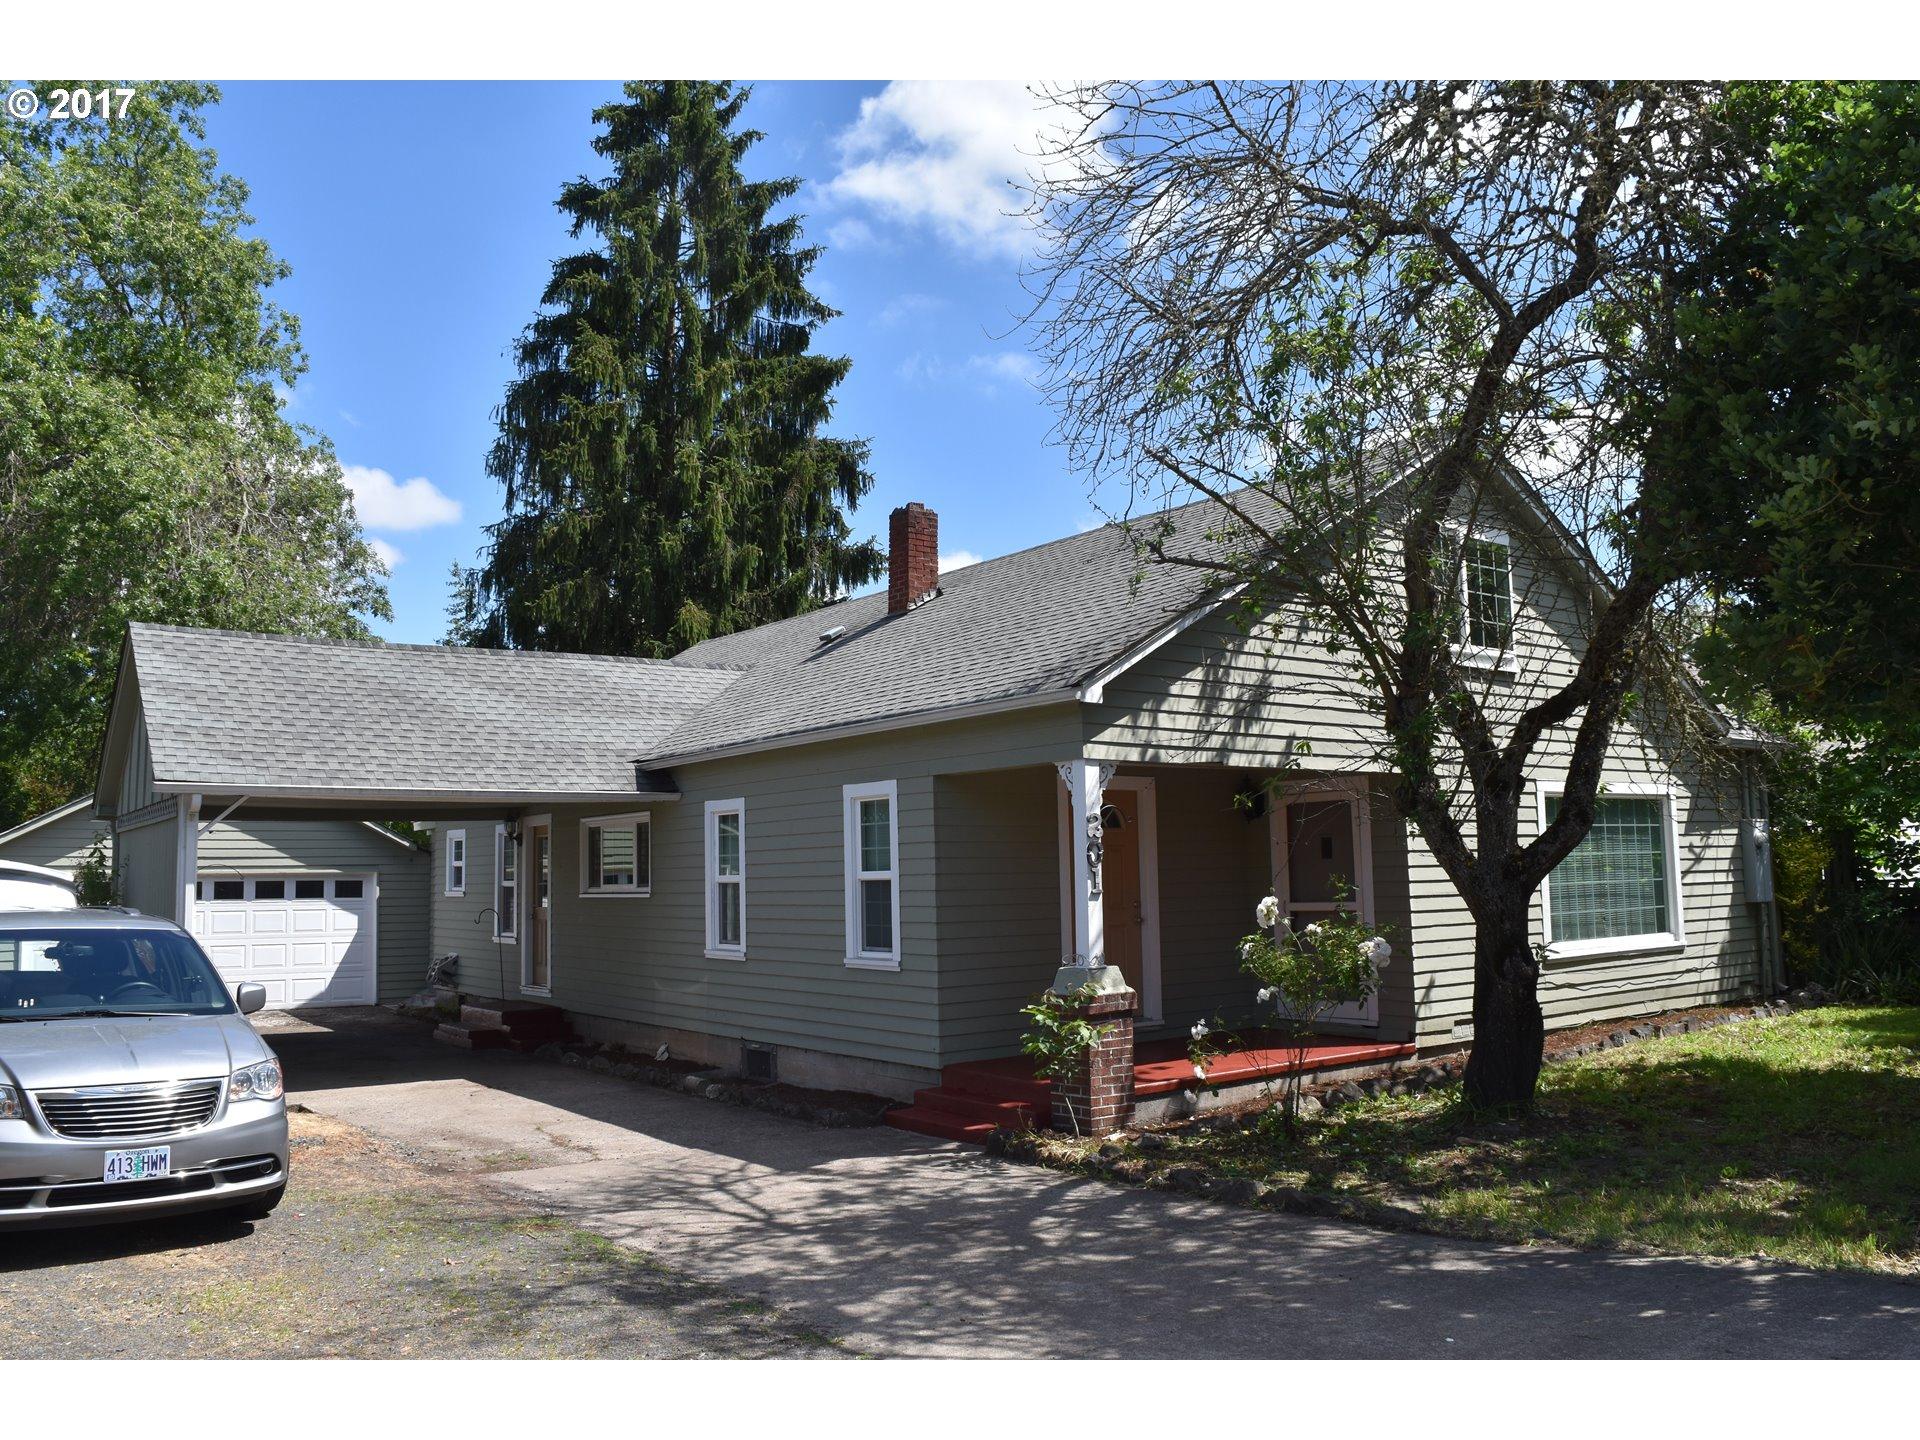 201 IRVING RD Eugene, OR 97404 - MLS #: 17247998